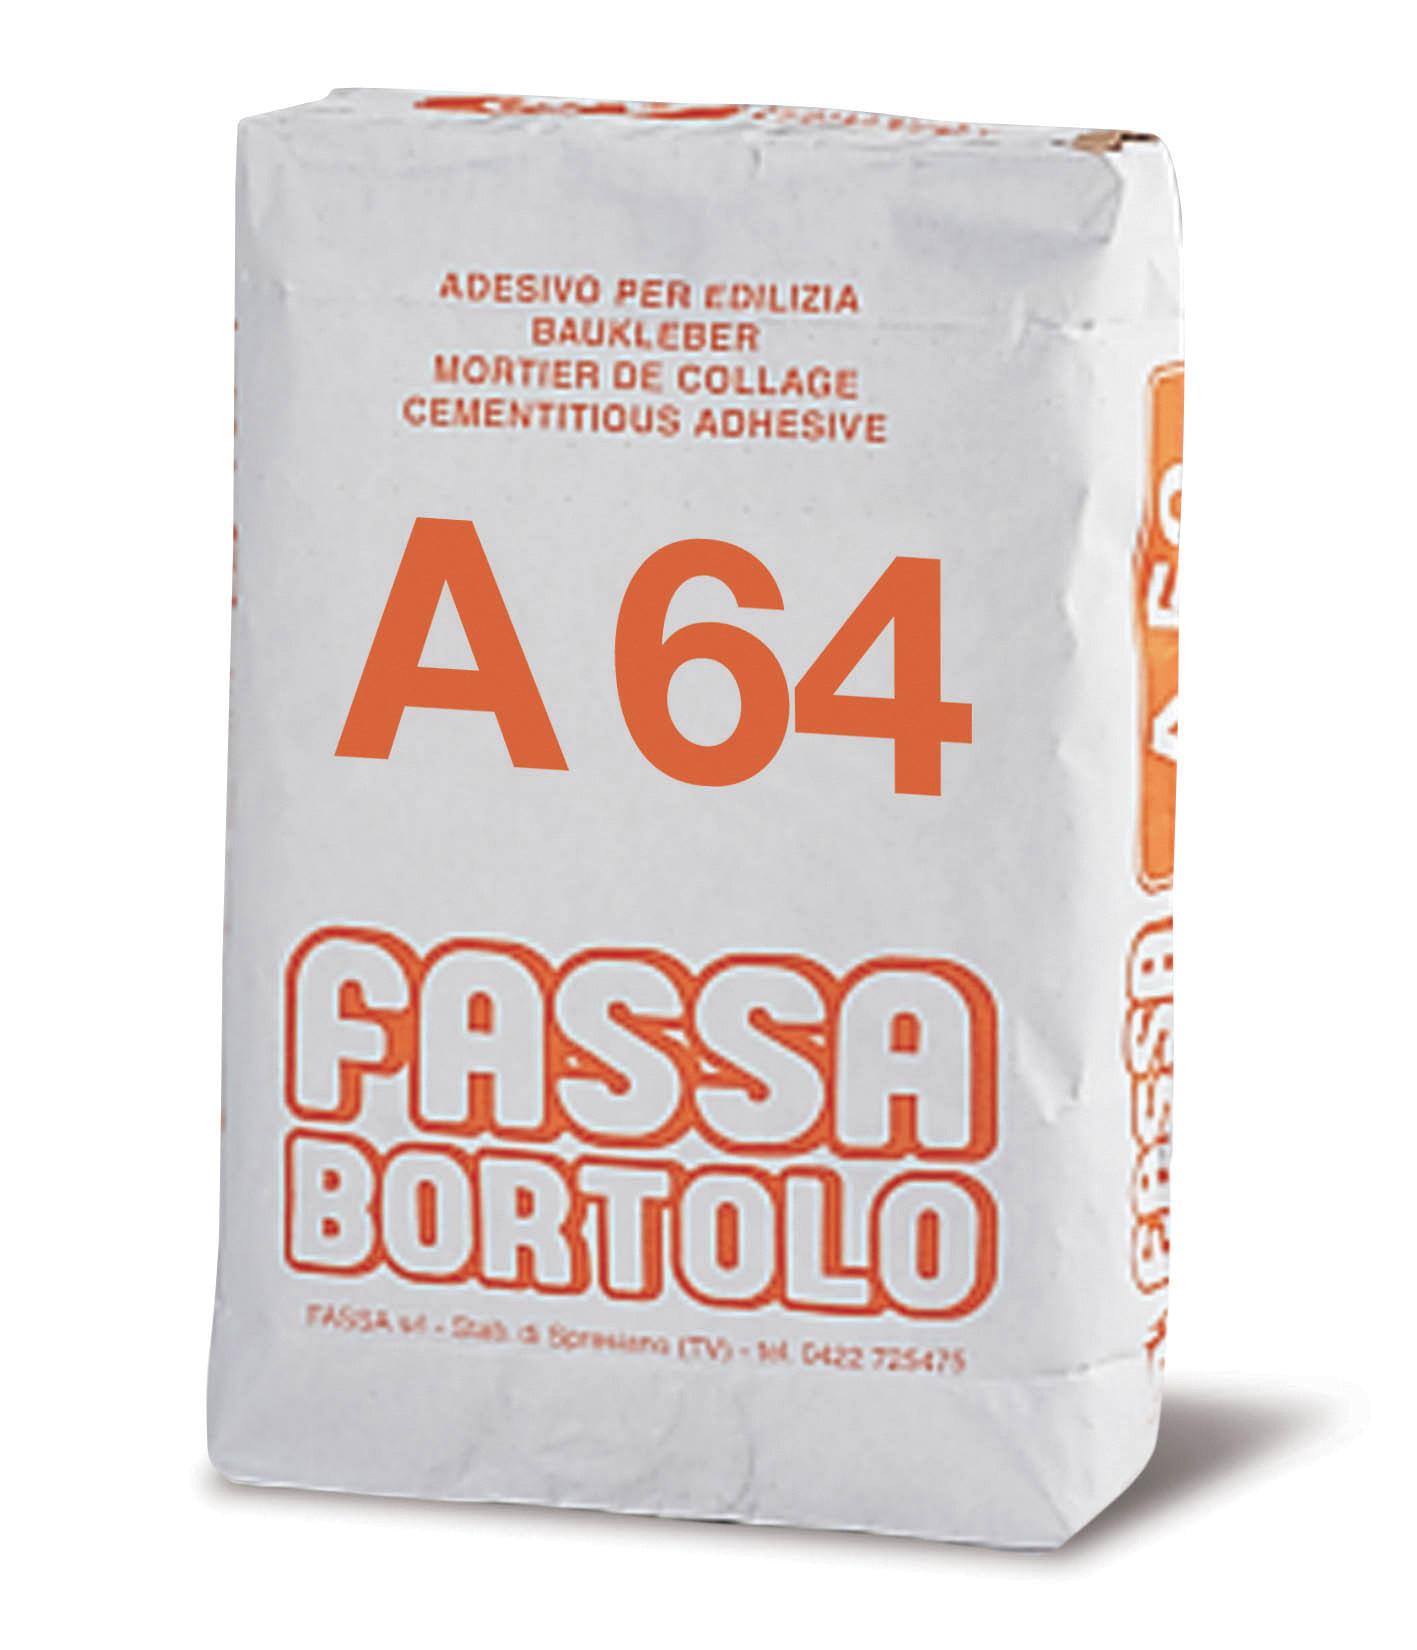 A 64: Rasante edile a base di calce e cemento bianco